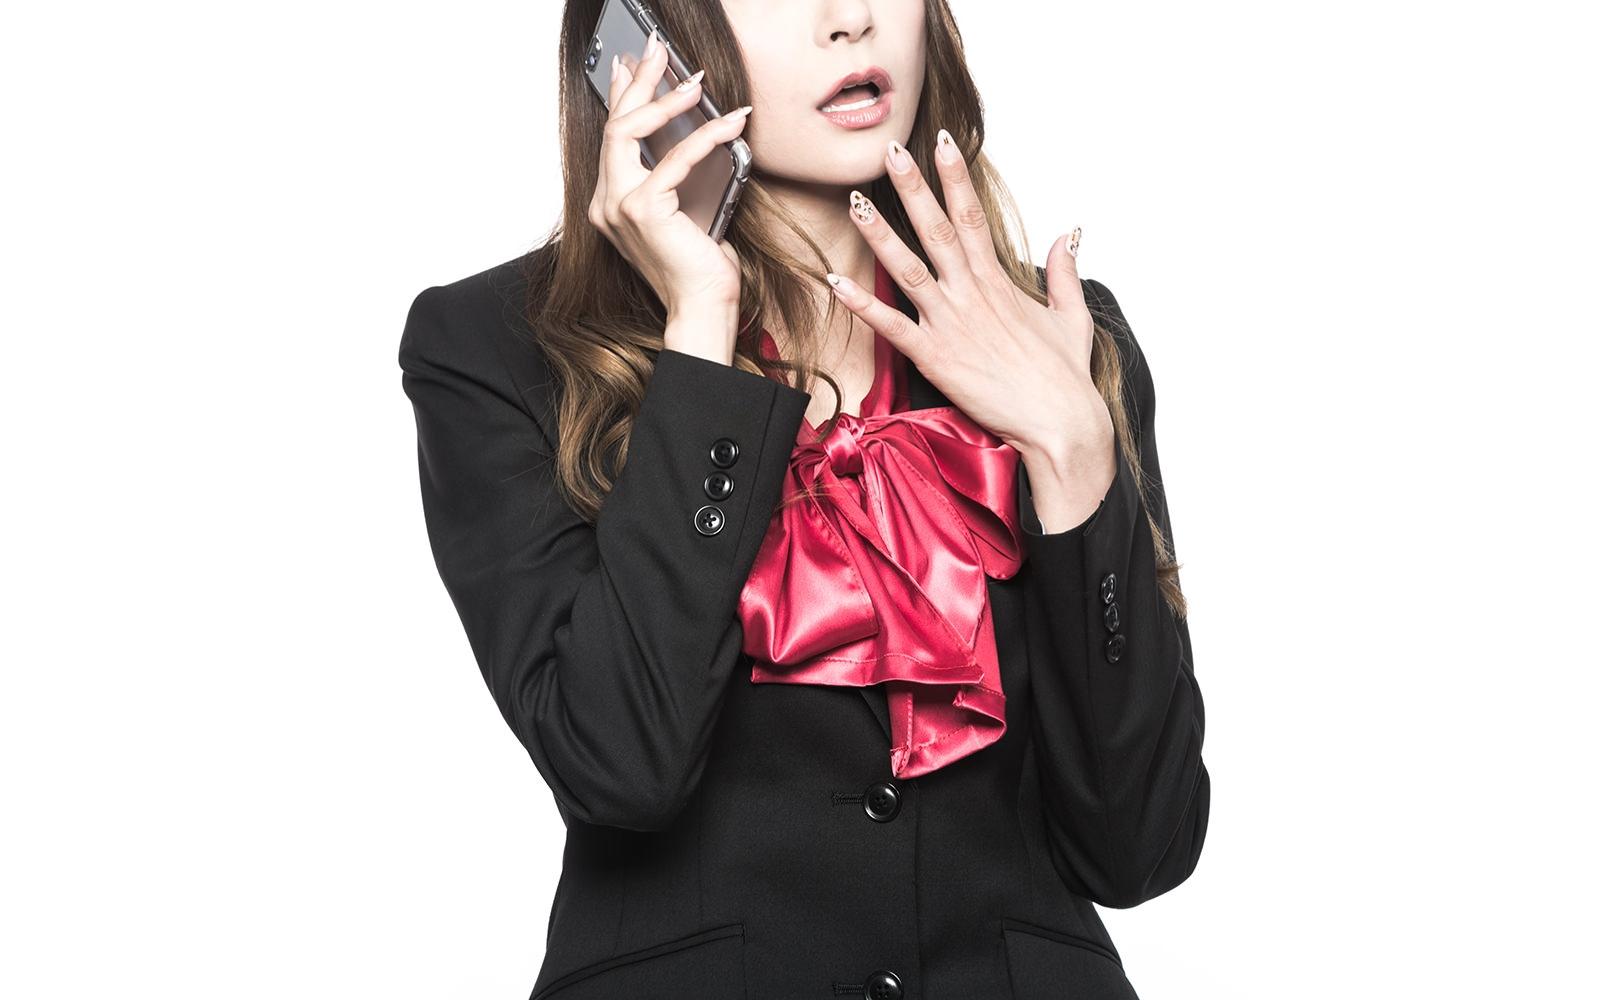 スマートフォンで通話している女性の写真